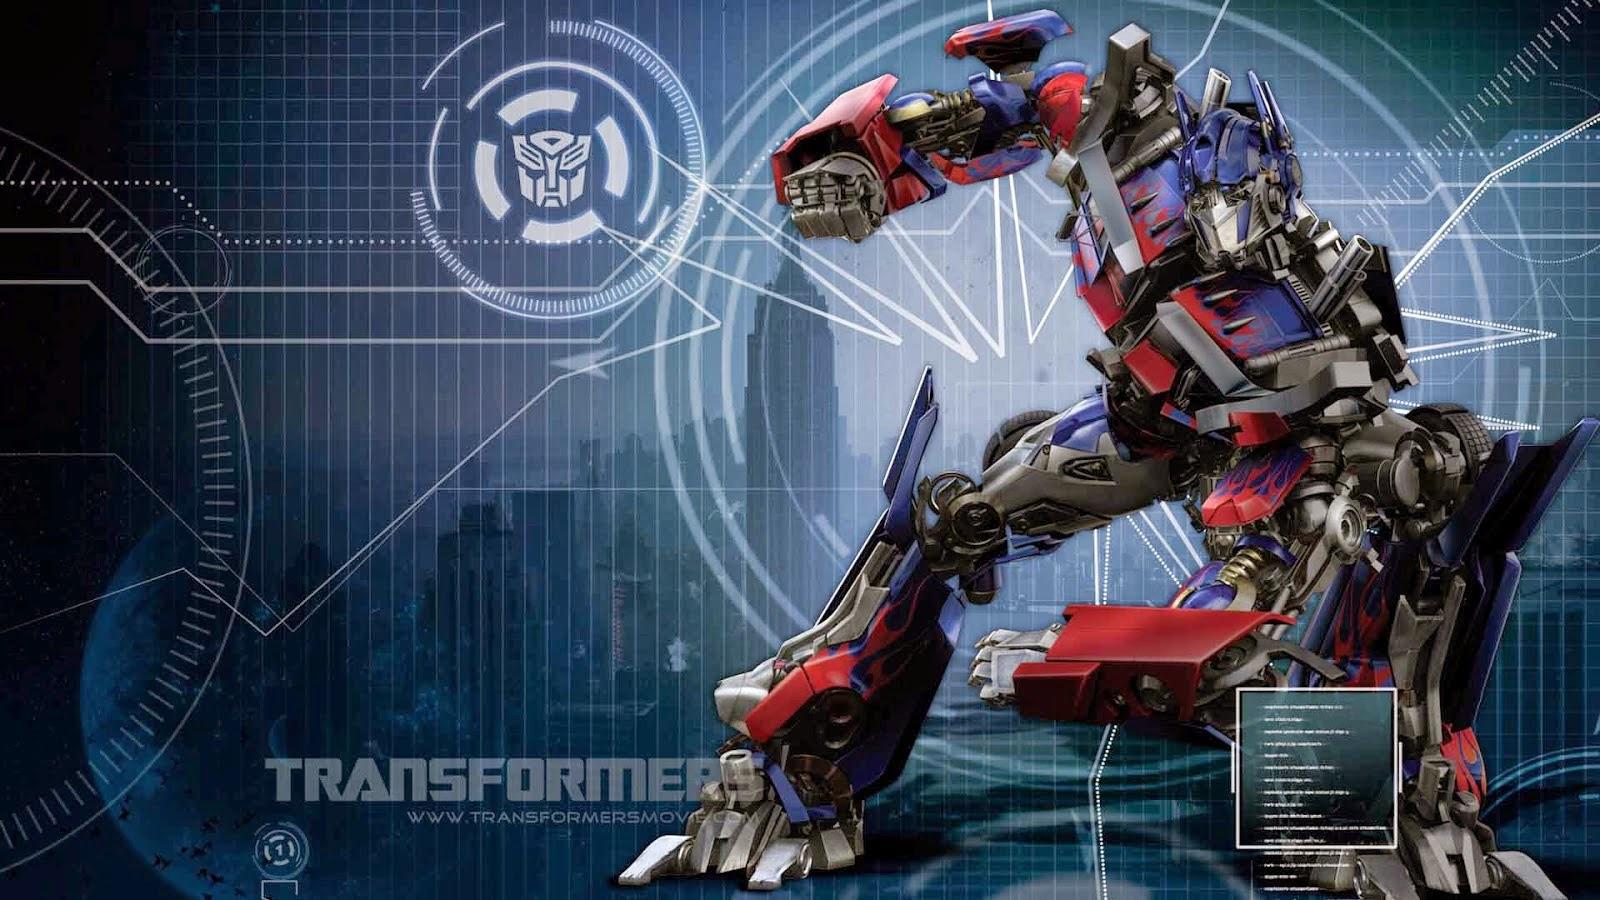 Hd wallpaper untuk laptop - Wallpaper Hd Transformers Keren Untuk Desktop Pc